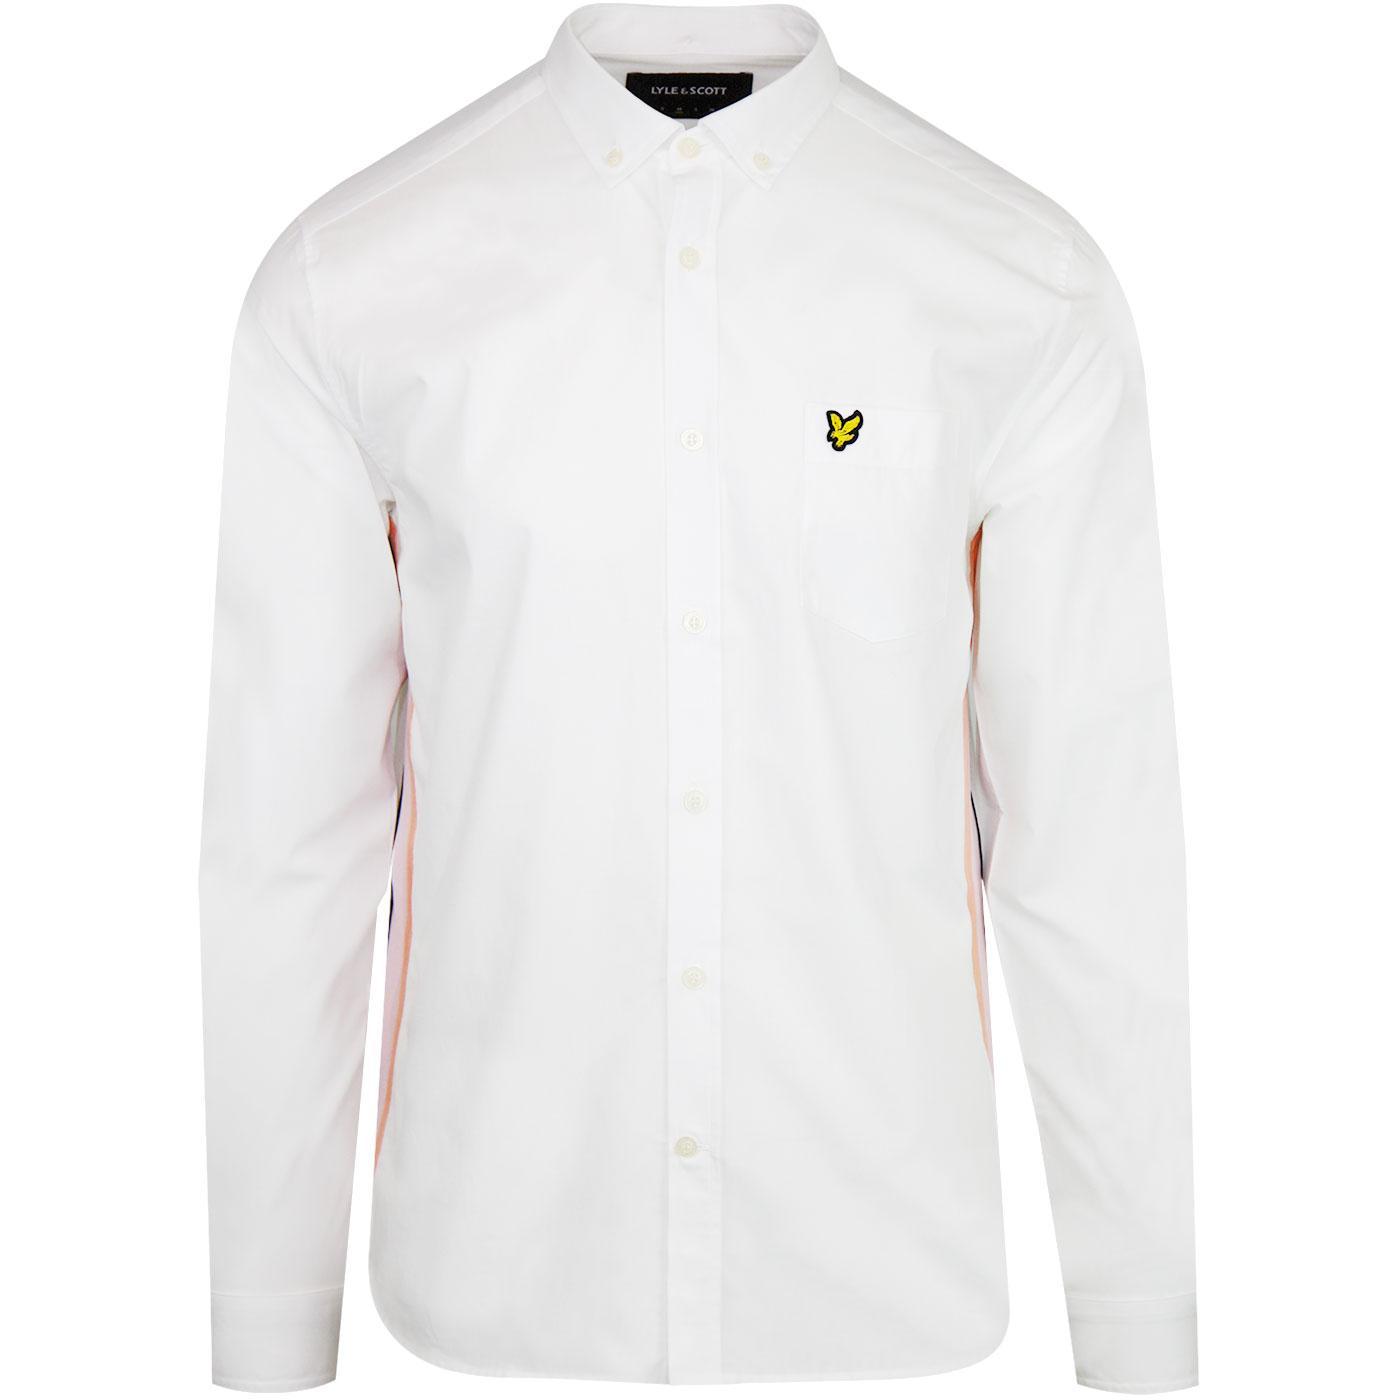 LYLE & SCOTT Mod Button Down Side Stripe Shirt (W)